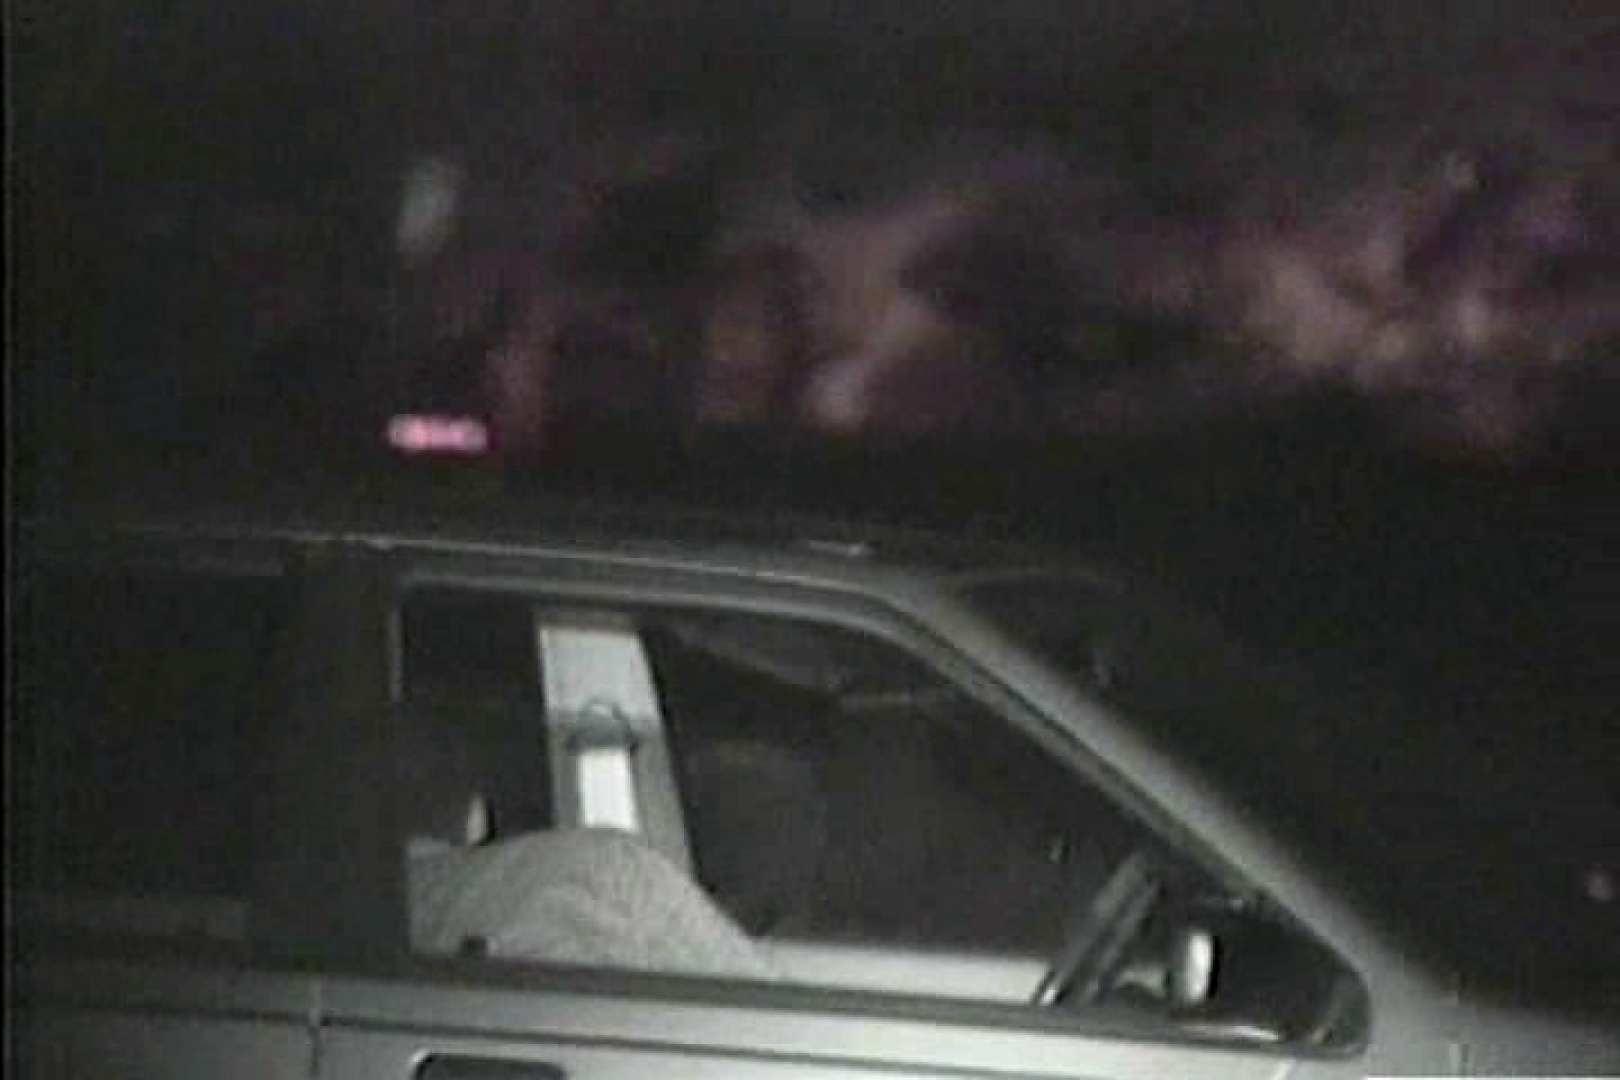 車の中はラブホテル 無修正版  Vol.9 車 オマンコ動画キャプチャ 88連発 38